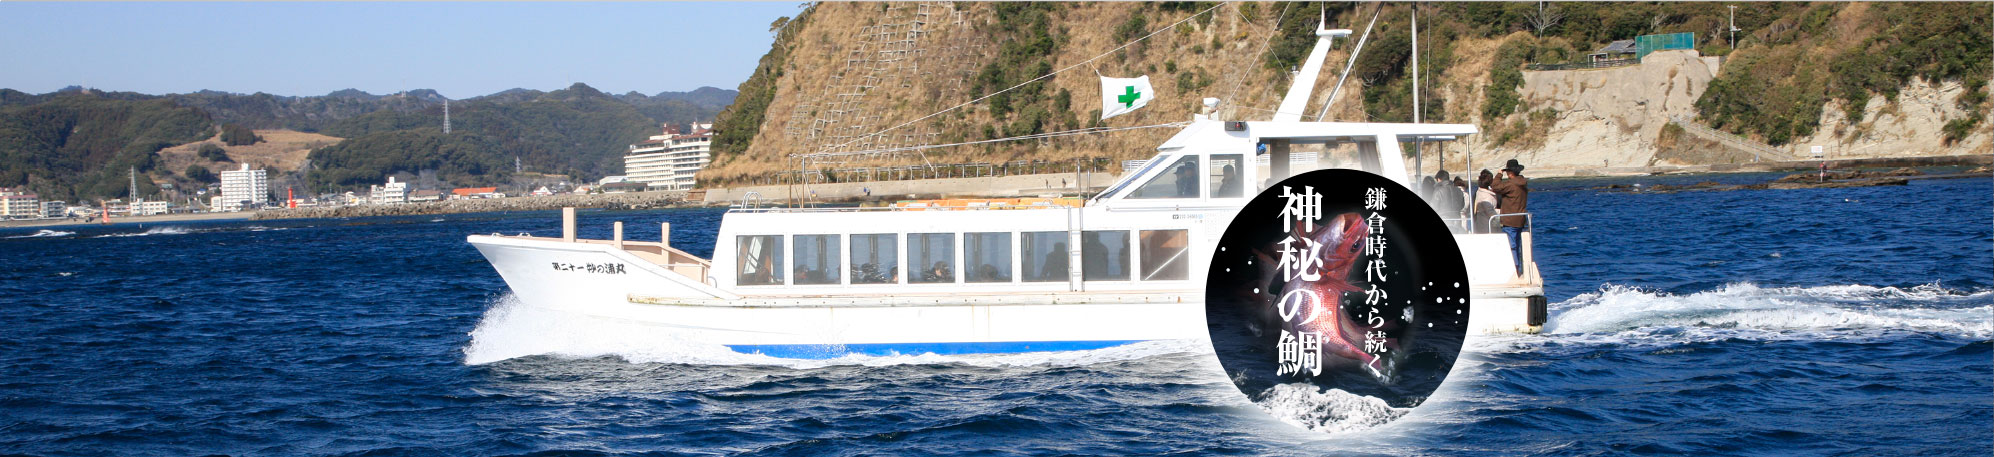 遊覧船で鯛を見よう